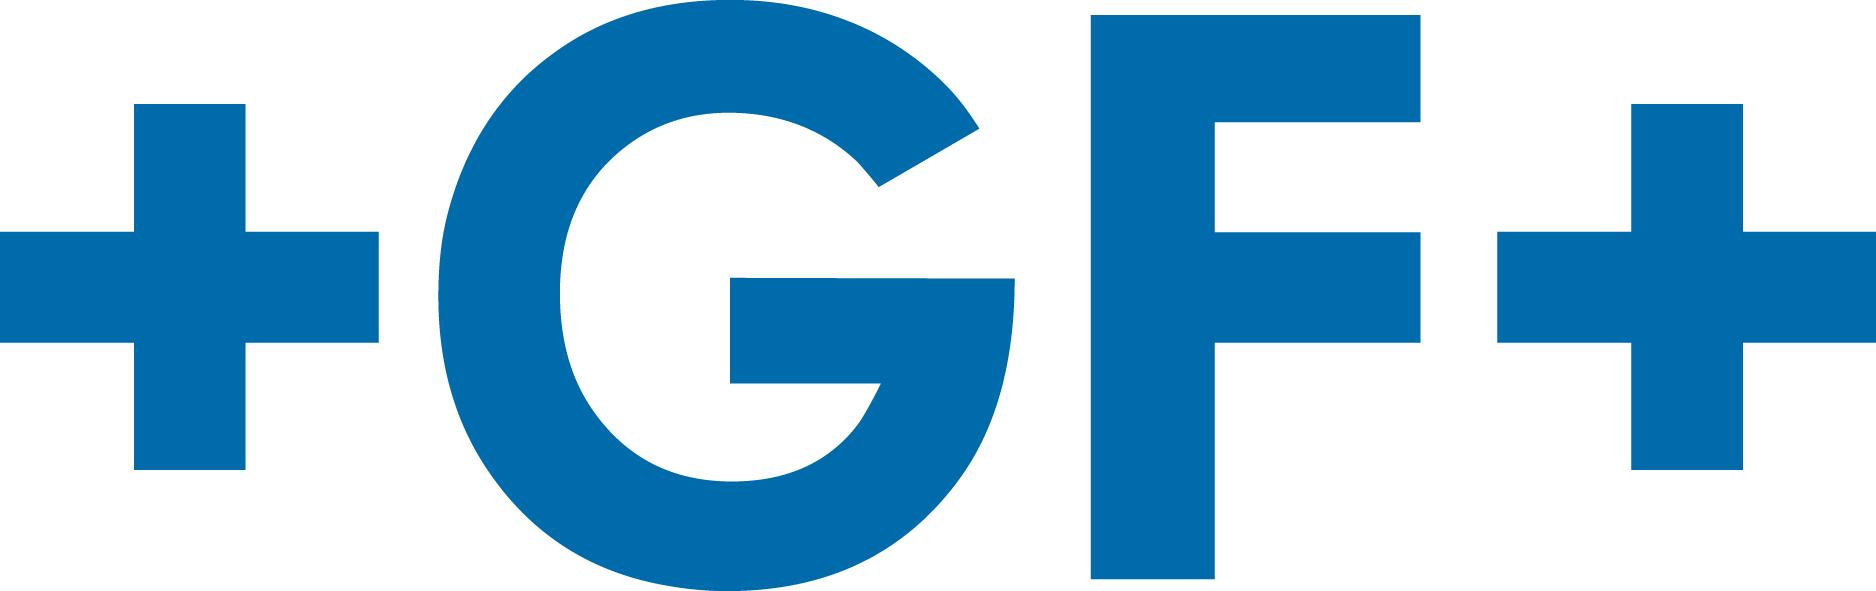 GALIKA AG - Russia